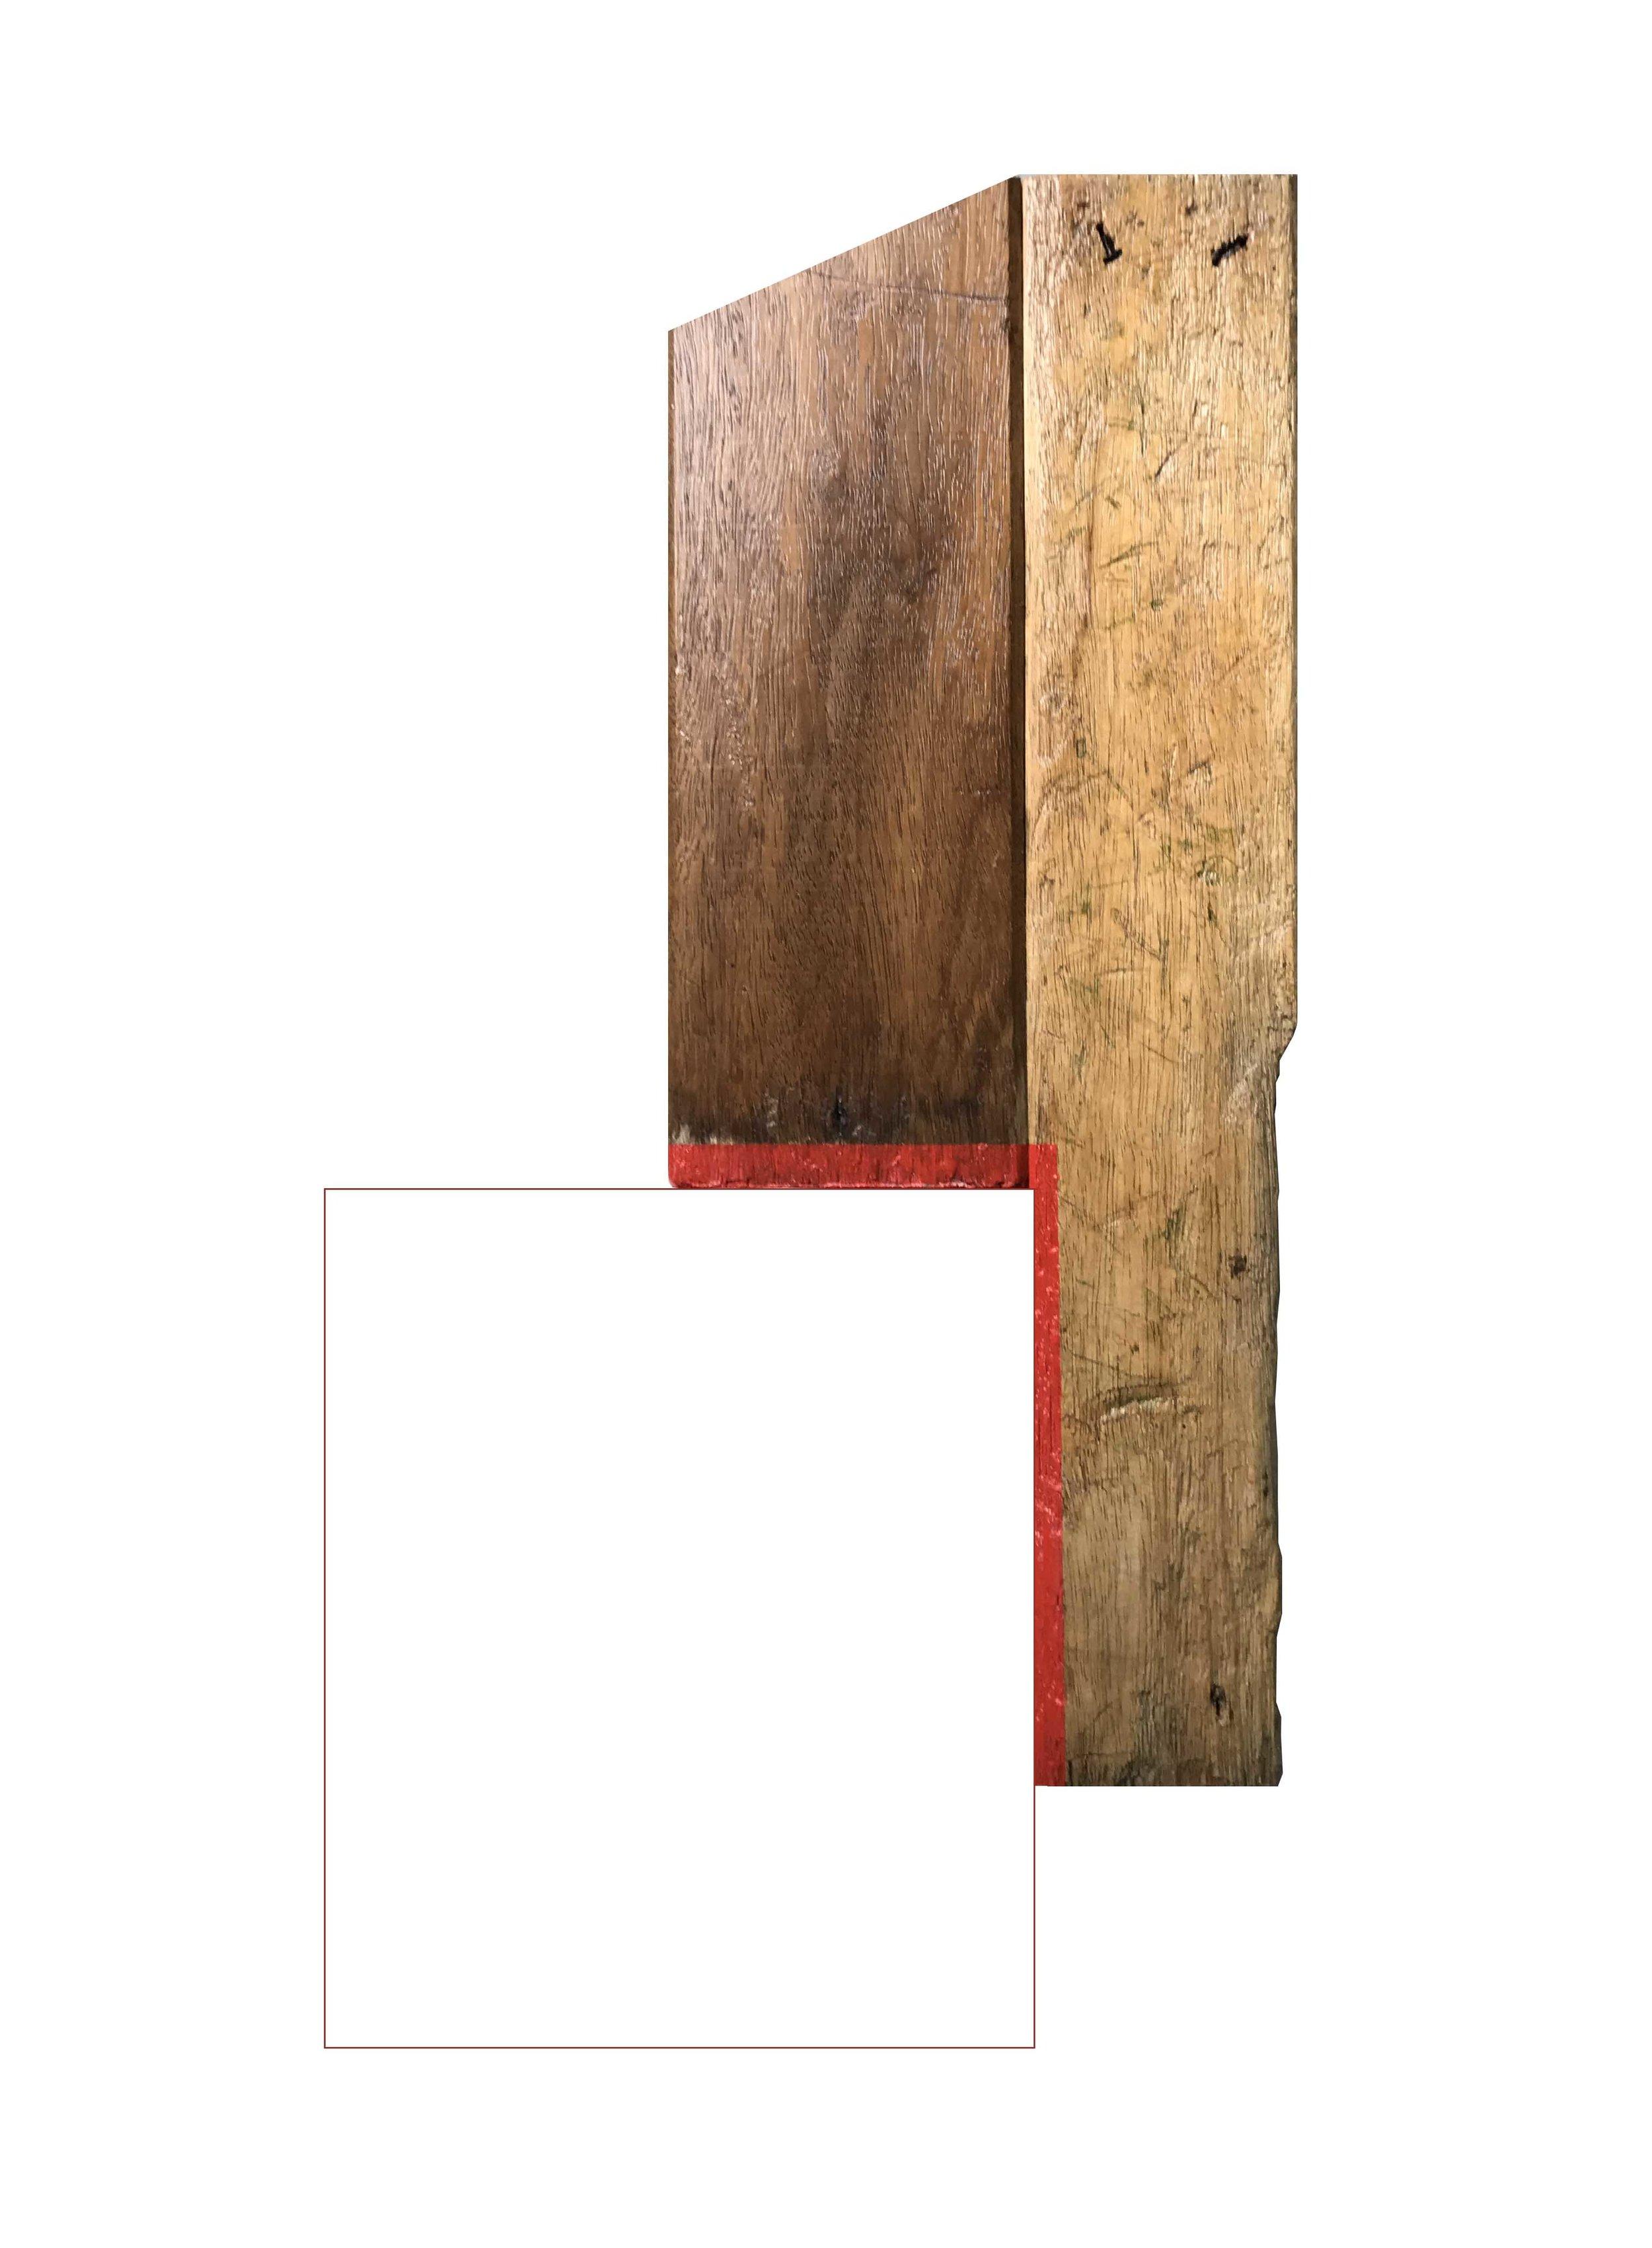 Rectángulo rojo, 110 x 60 cms